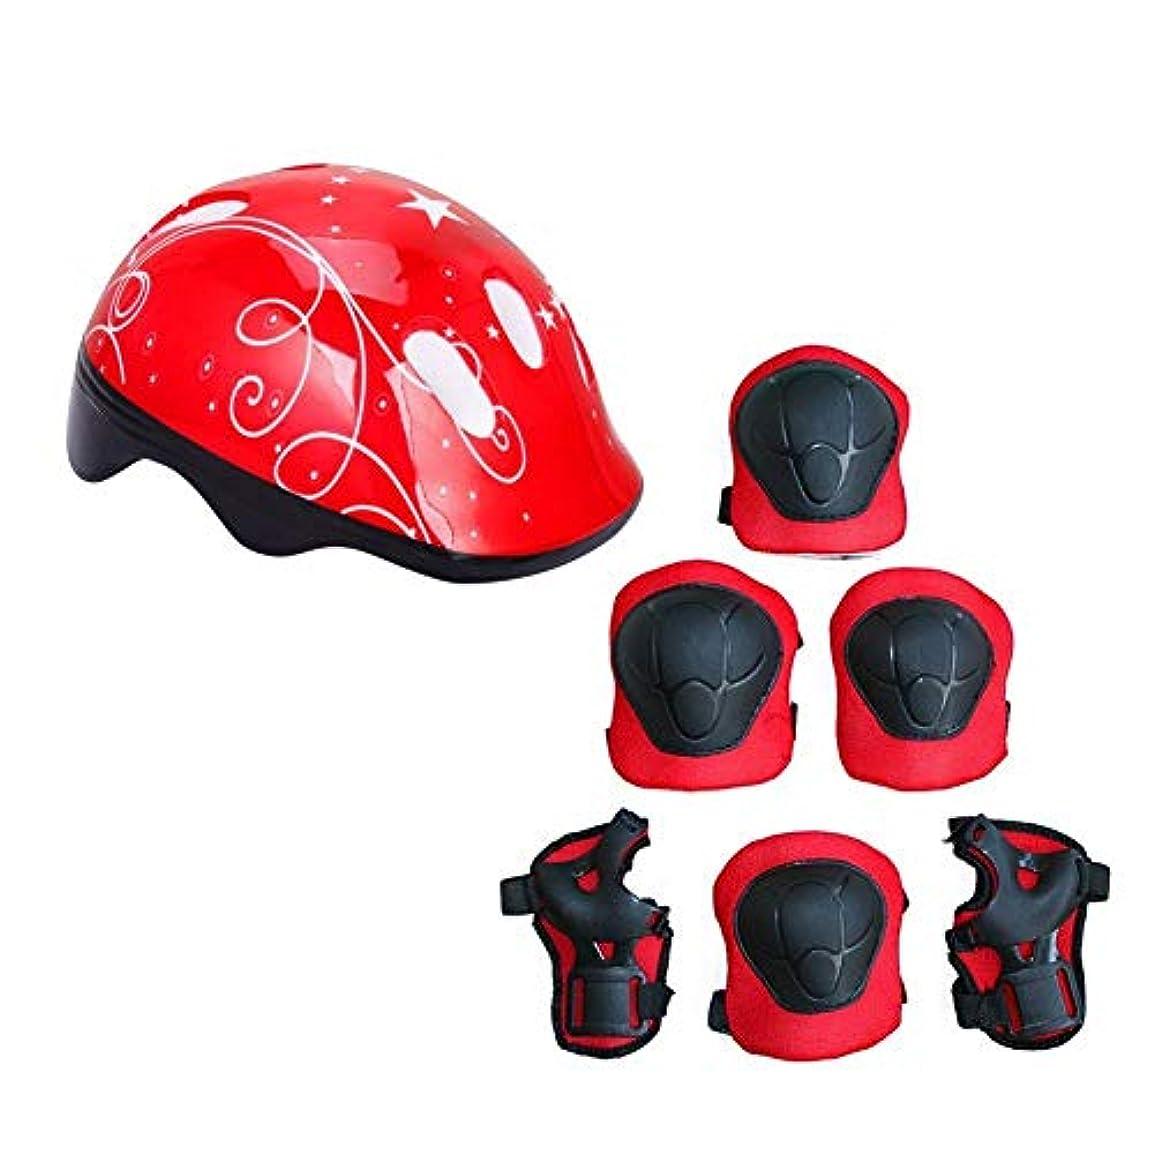 気味の悪いボトル蒸サポート 7個の子供の保護安全ガードサイクリングパッドスケートサイクリングヘルメットガード肘膝手首パッド JPLJJ (Color : レッド)